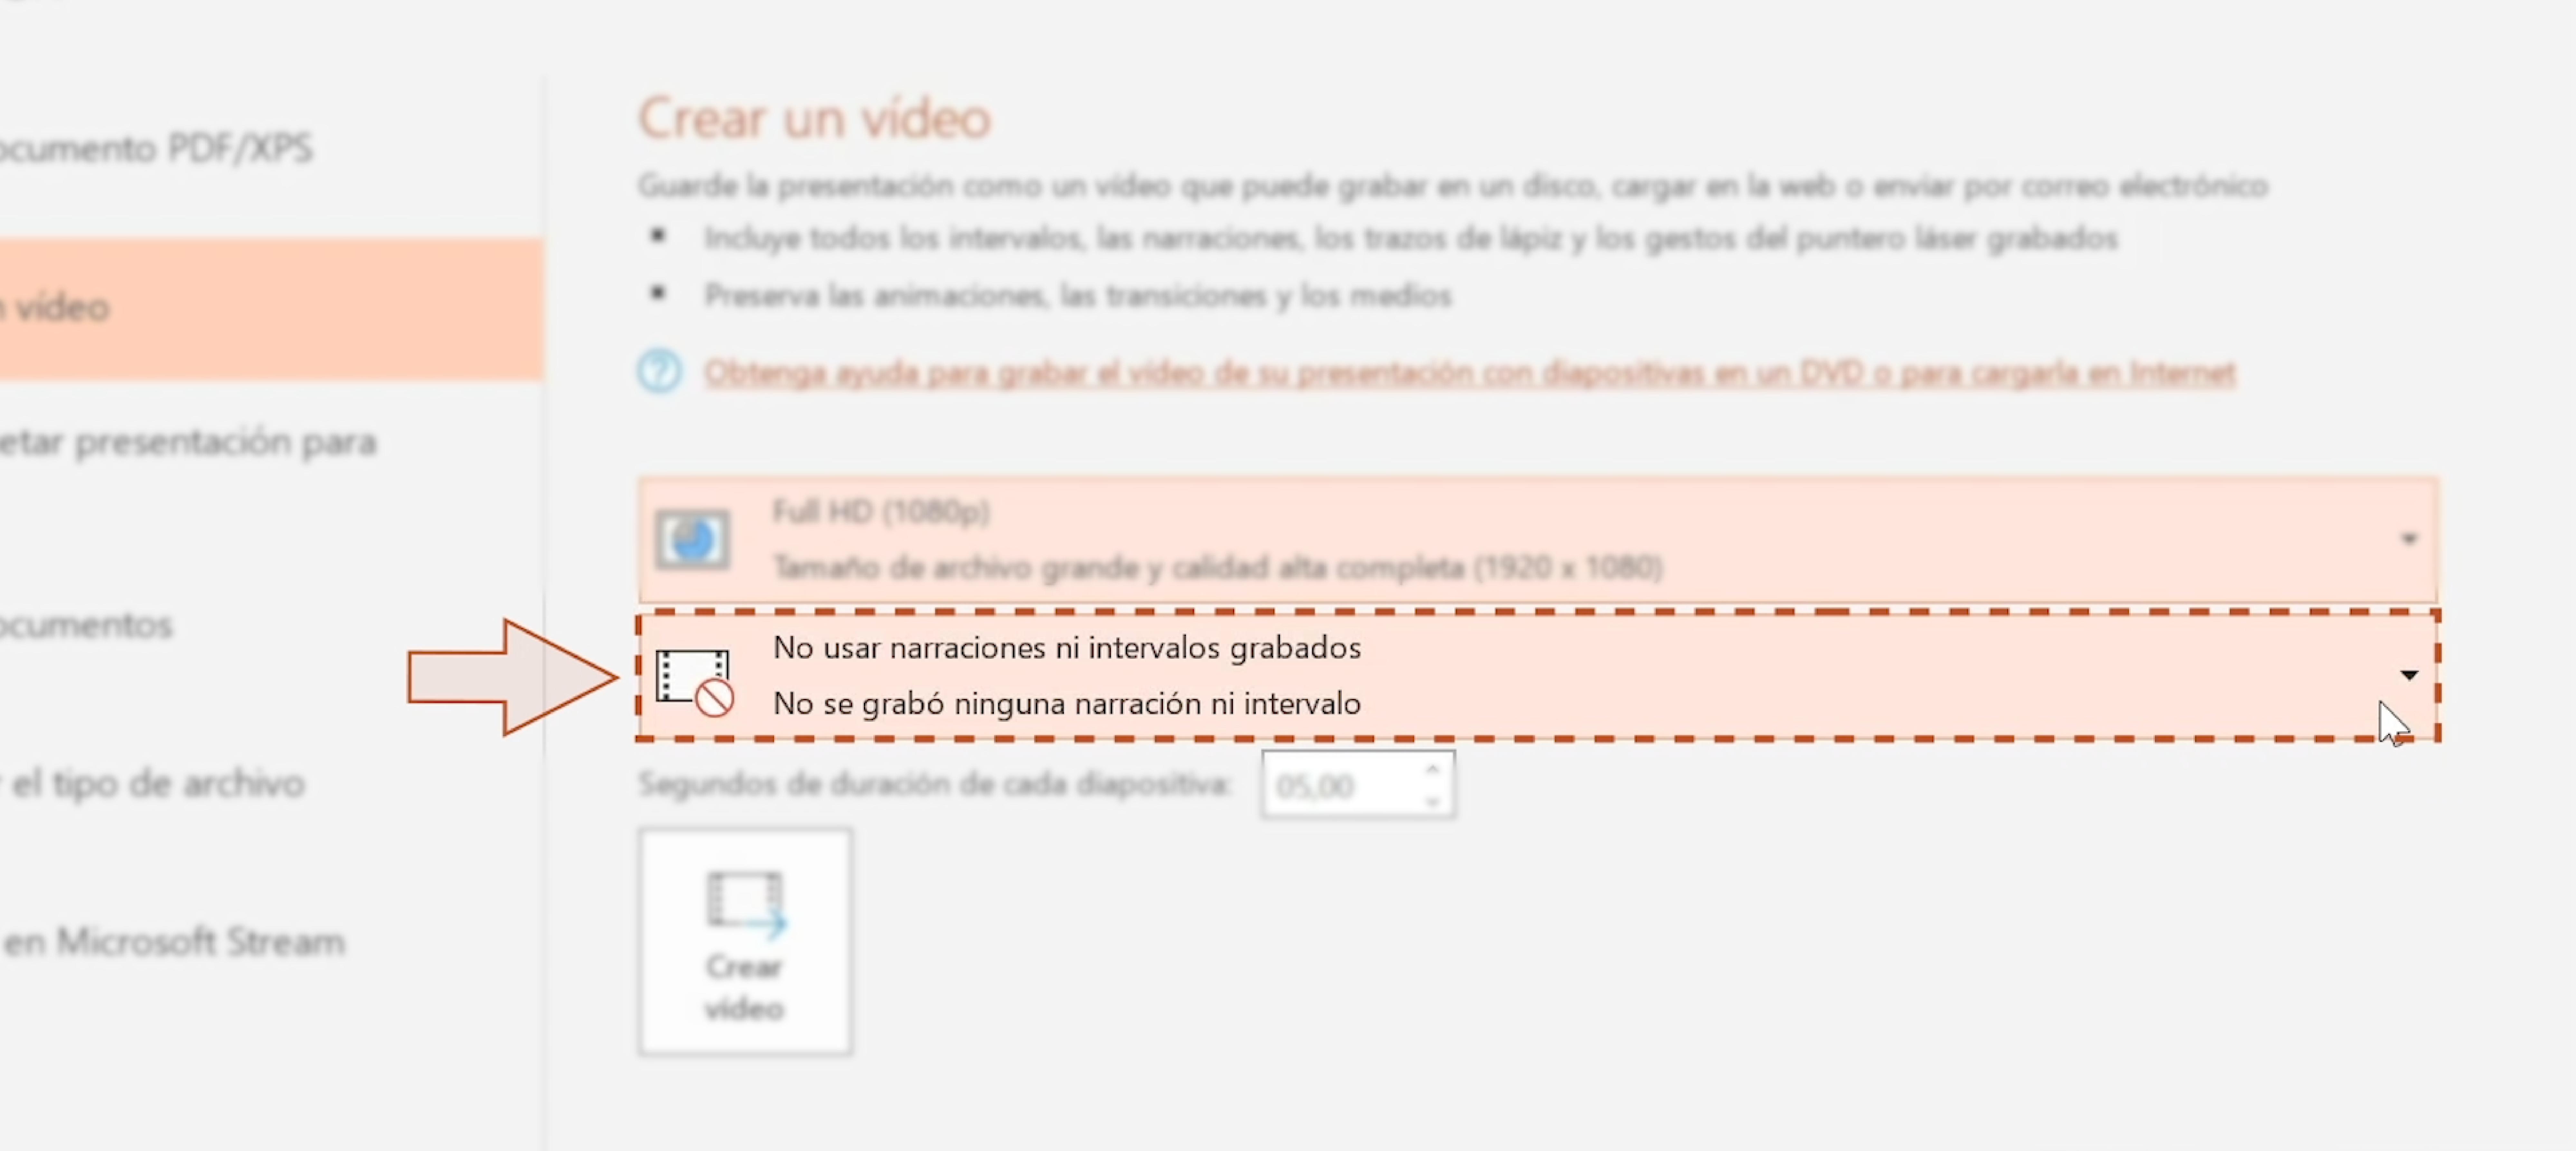 Imagen eligiendo la opción intervalos y audio para el video.